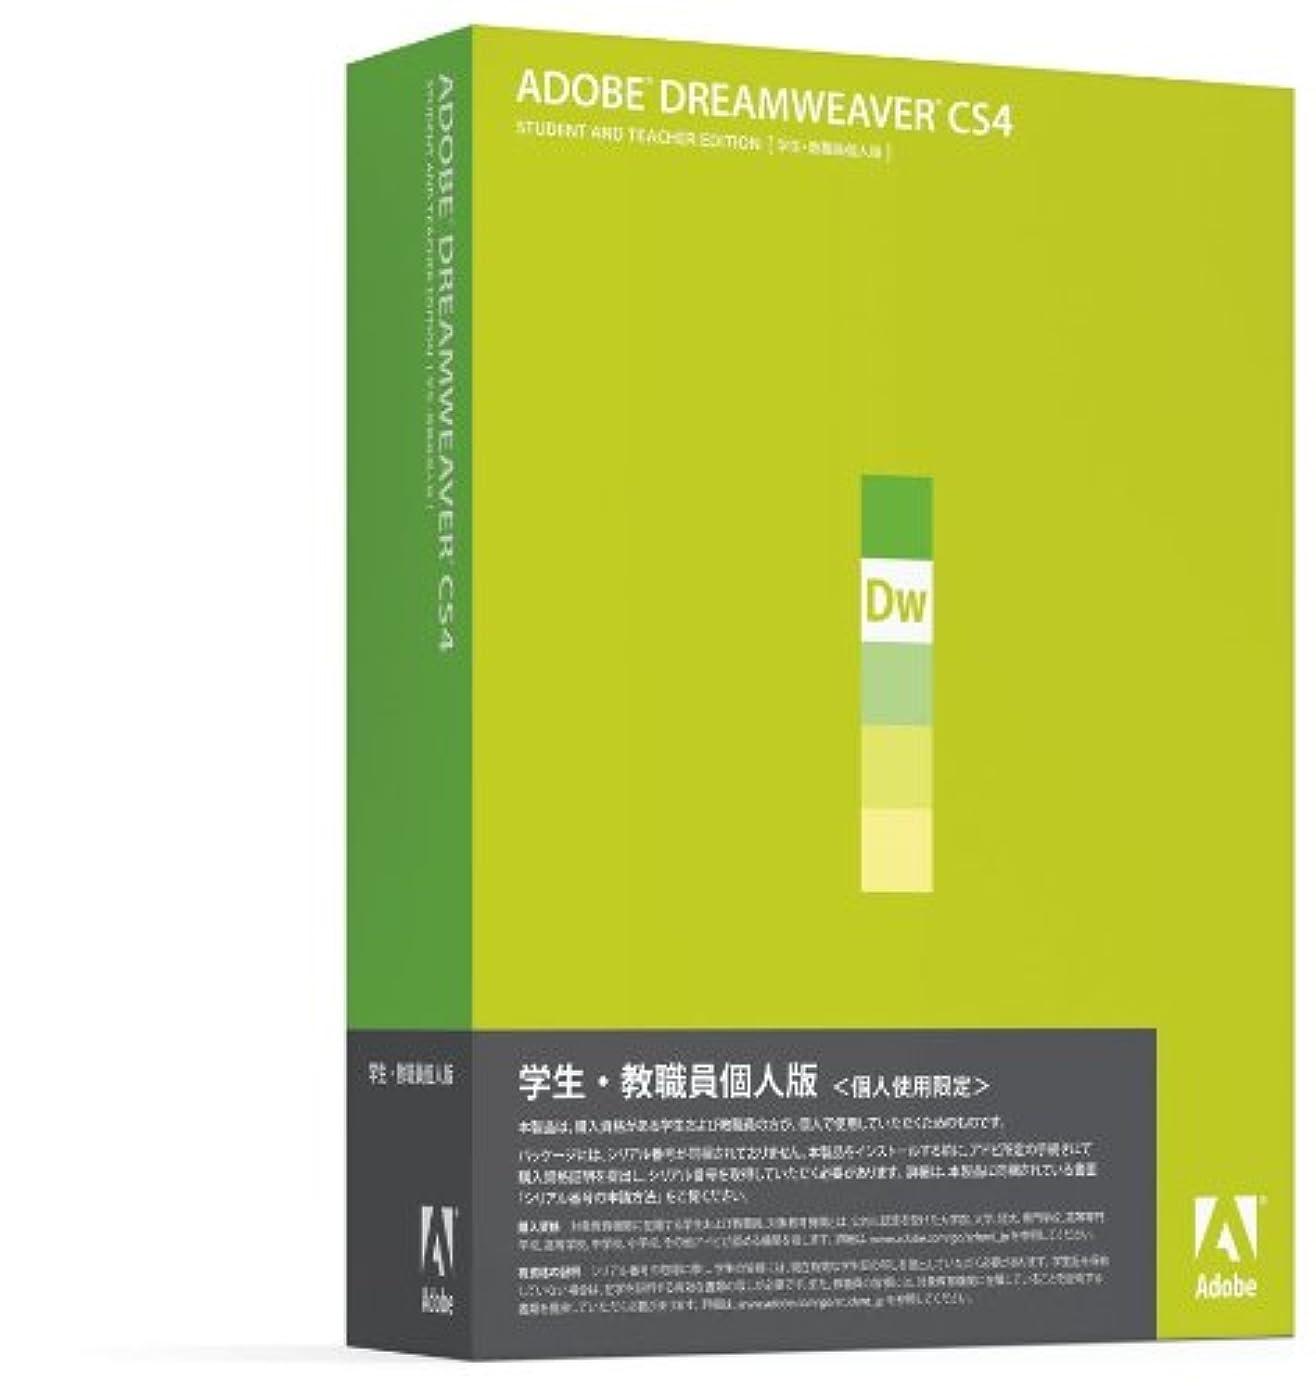 本を読む中で酸化する学生?教職員個人版 Adobe Dreamweaver CS4 (V10.0) 日本語版 Windows版 (要シリアル番号申請)